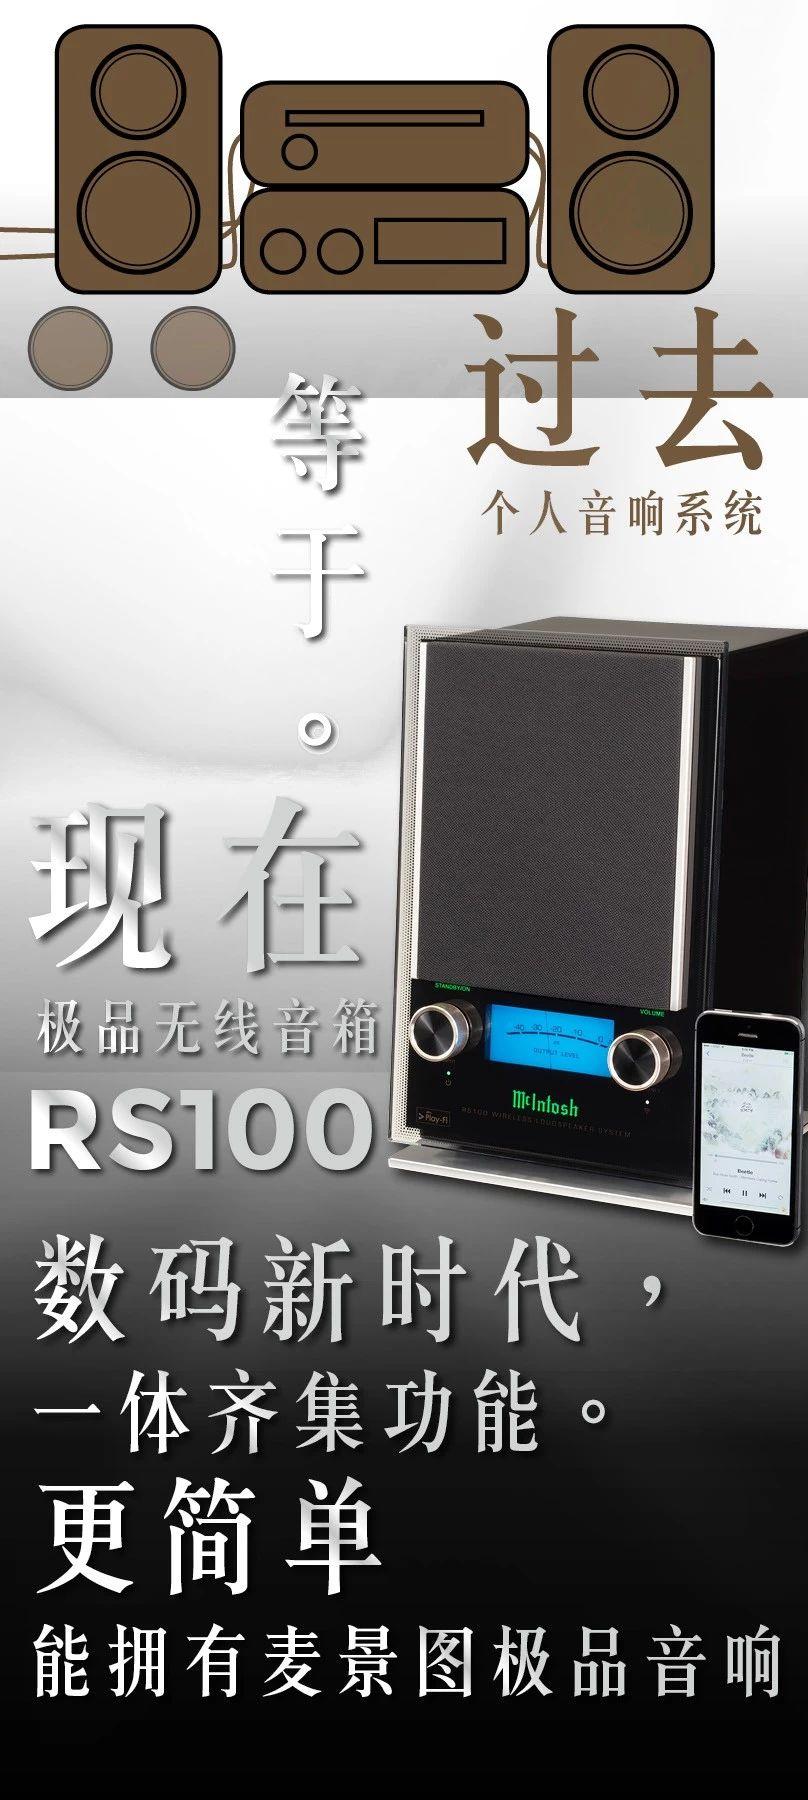 640 6 - 动态   RS100极品无线音箱,一部音箱齐集所有功能